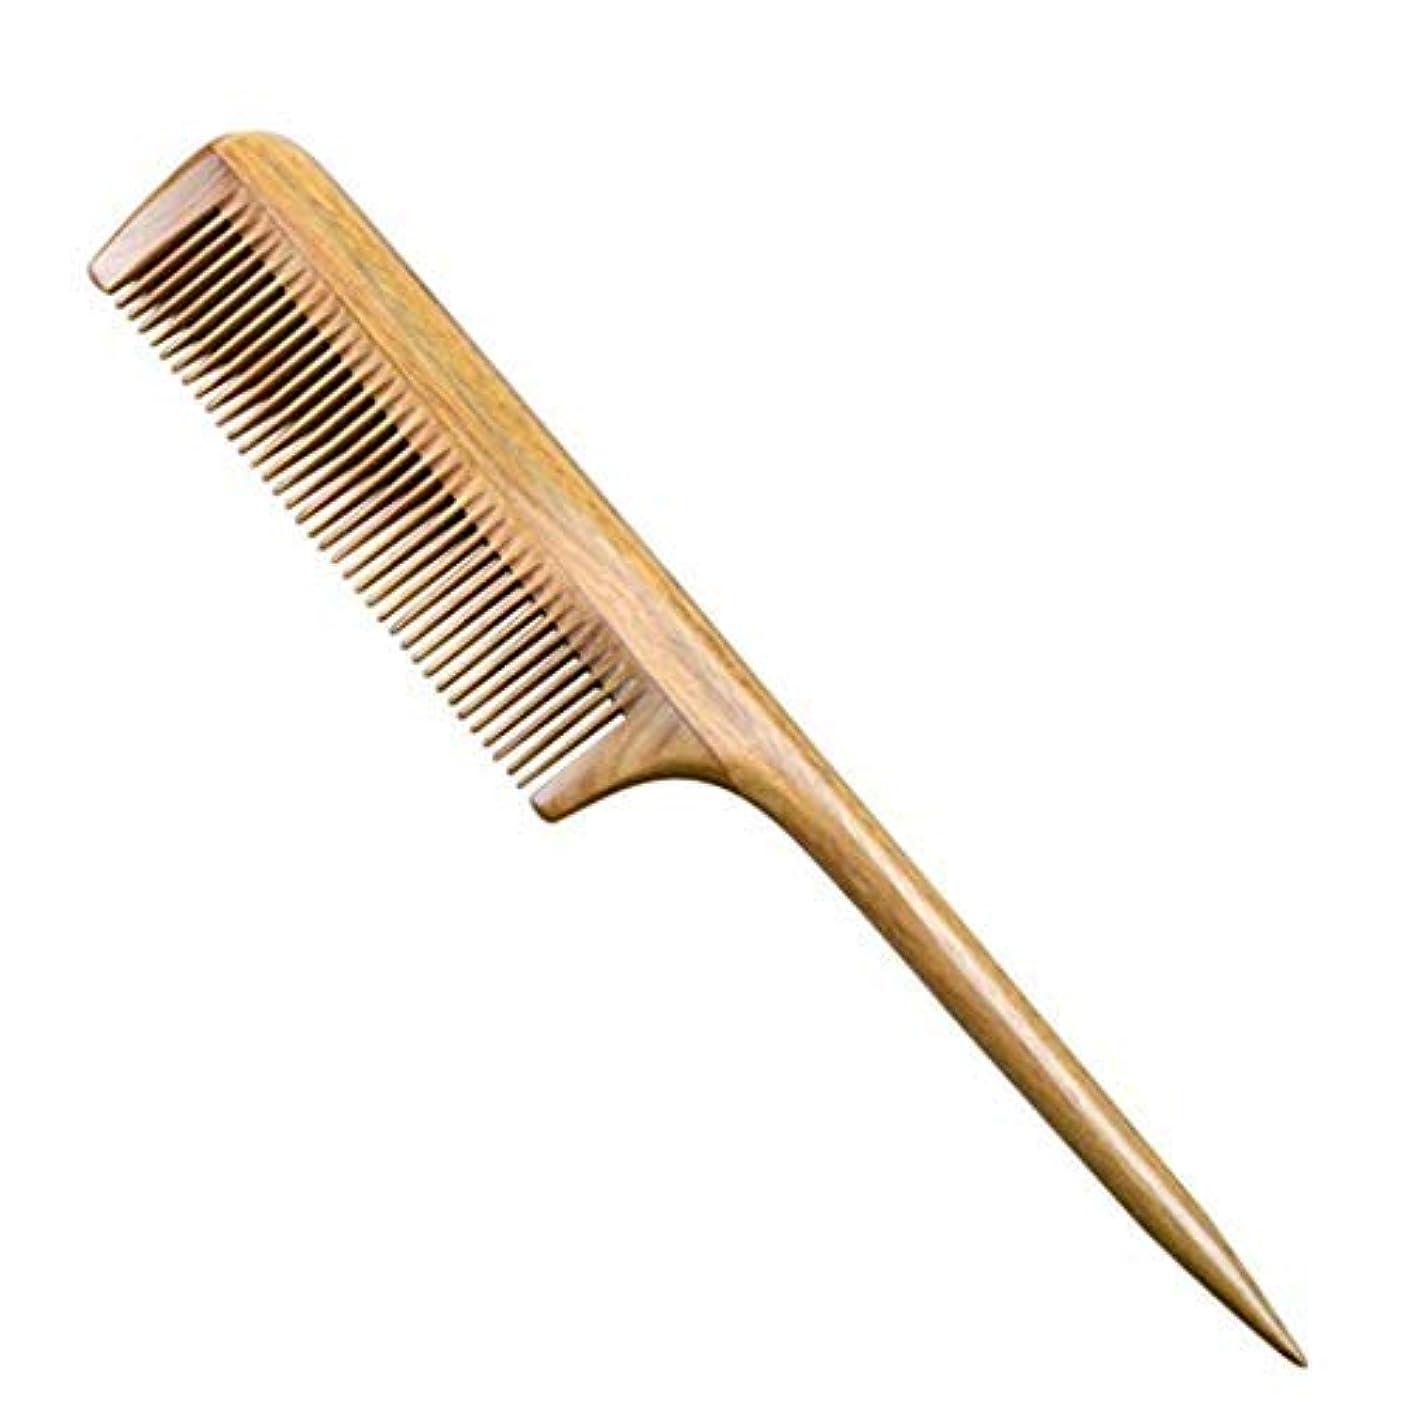 笑割合ベンチャーRat Tail Hair Comb - Fine Tooth Natural Green Sandalwood Combs with Teasing Tail Handle - No Static Wooden Comb for Women [並行輸入品]